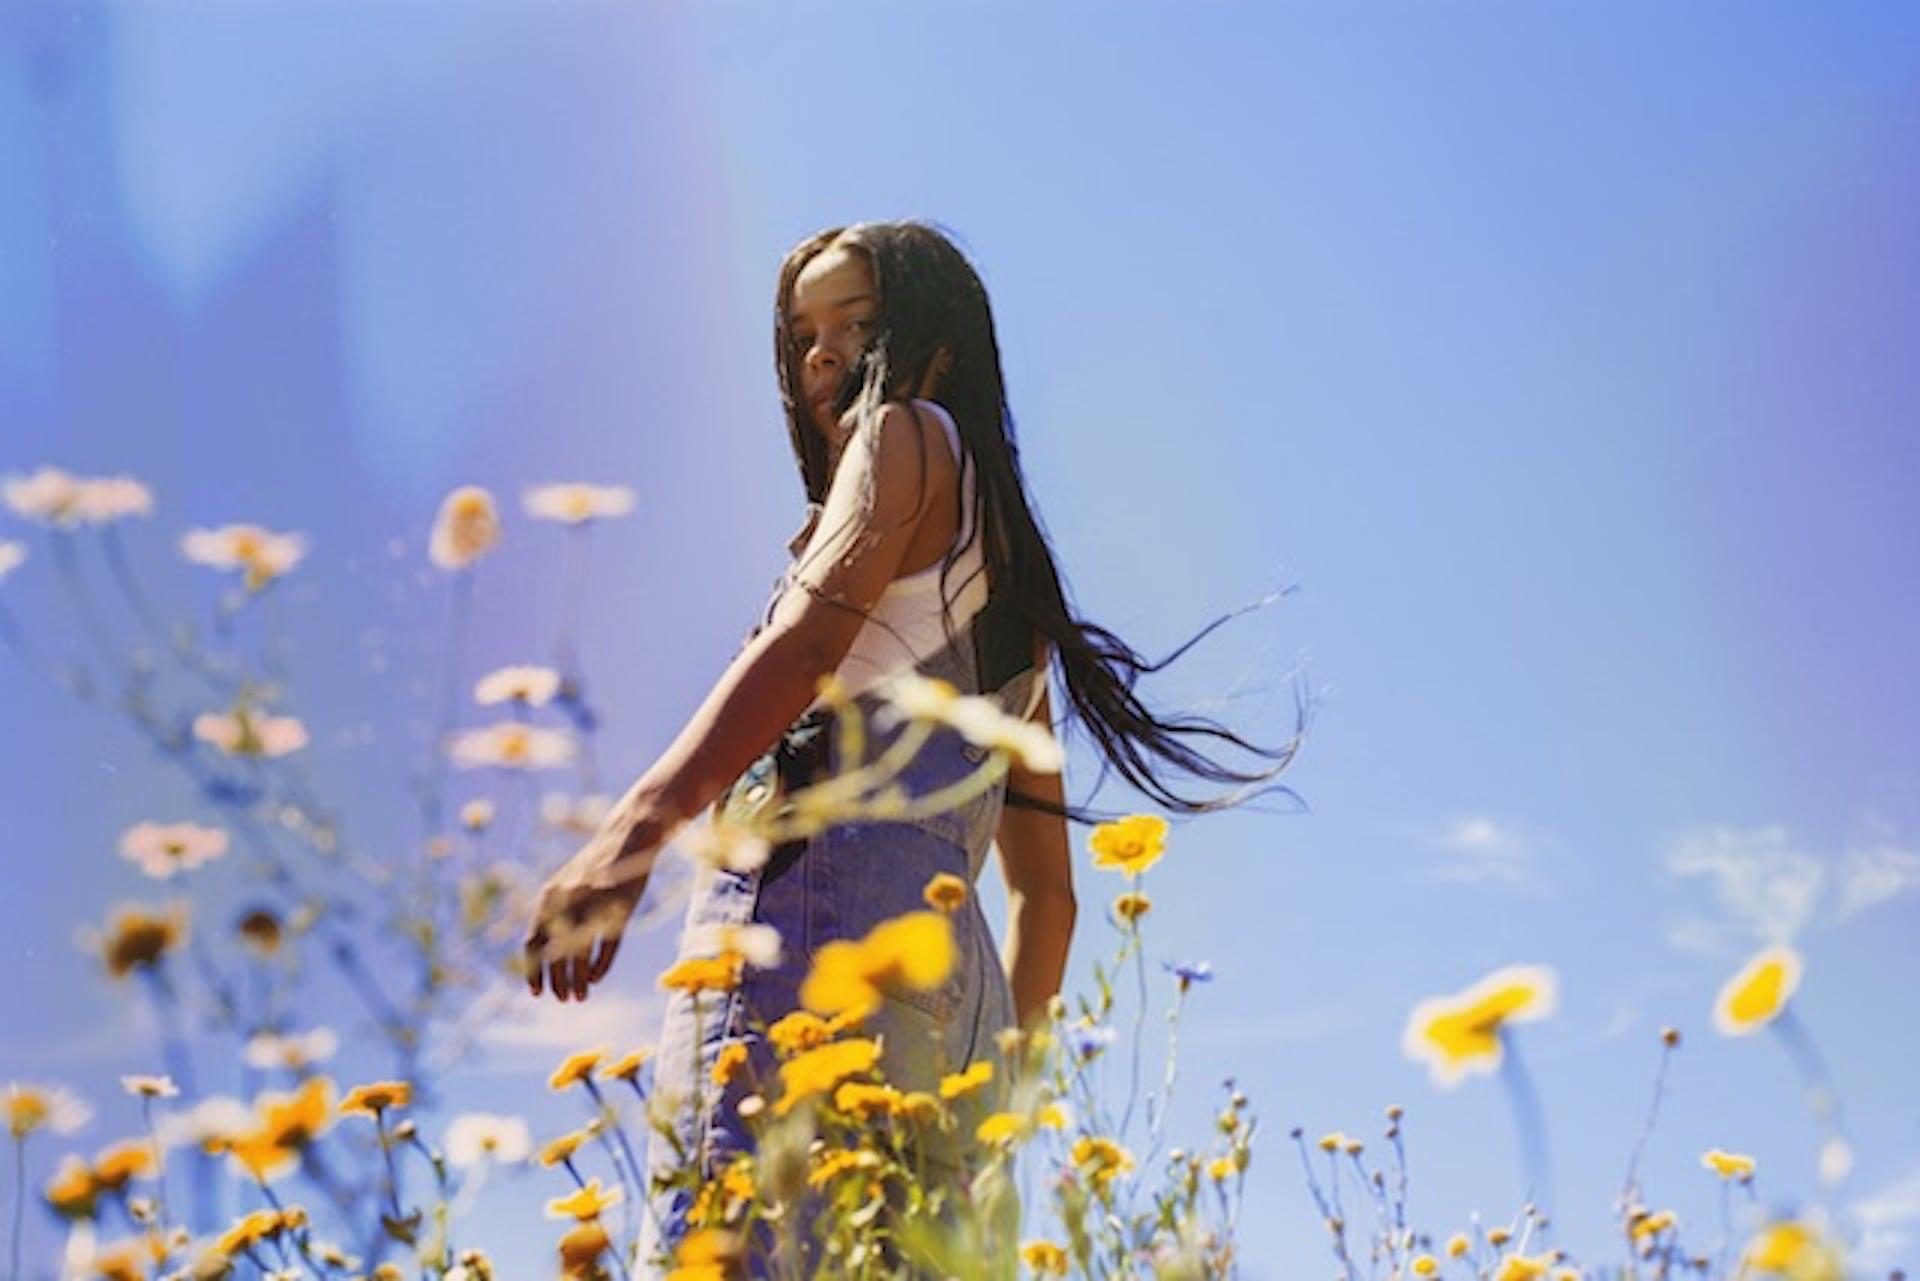 """Bonoboも注目するプロデューサー・TSHAが最新EP『Flowers』を〈Ninja Tune〉からリリース決定!新曲""""Sister""""&本人コメントも公開 music200819_tsha_3-1920x1281"""